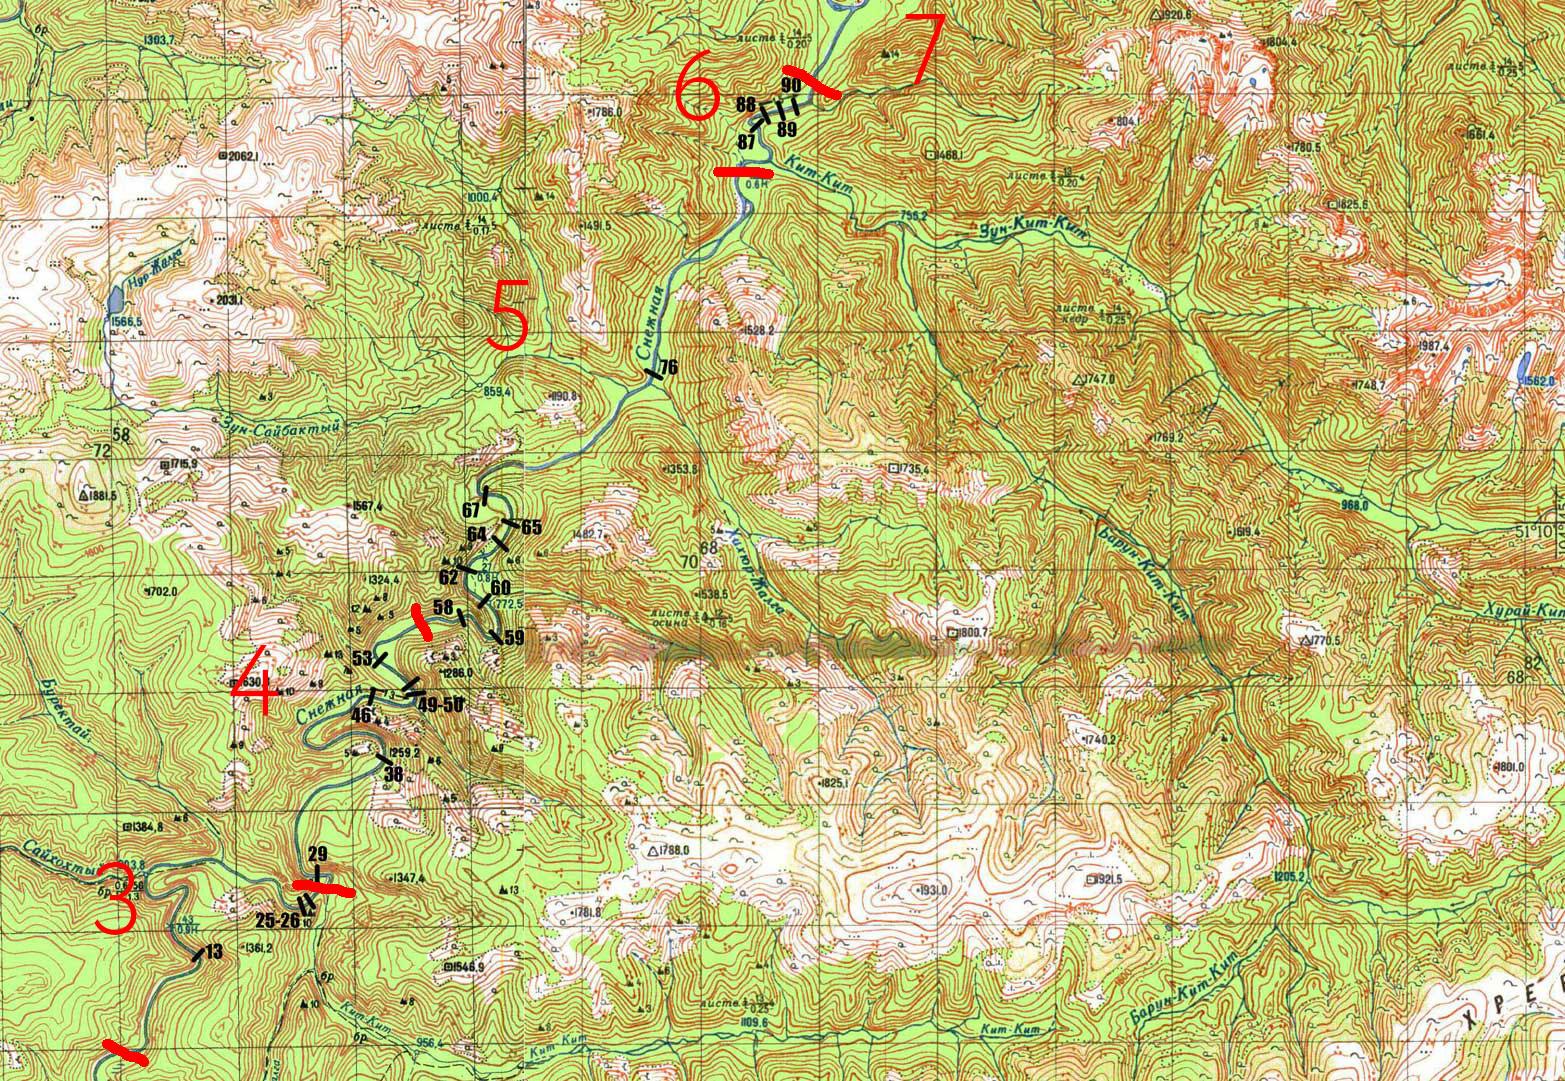 Еще одна карта покрупнее. Красные номера — дни прохождения, черные — серьезные пороги, которые стоит осматривать перед прохождением. Видно, что в середине реки — самые напряженные участки